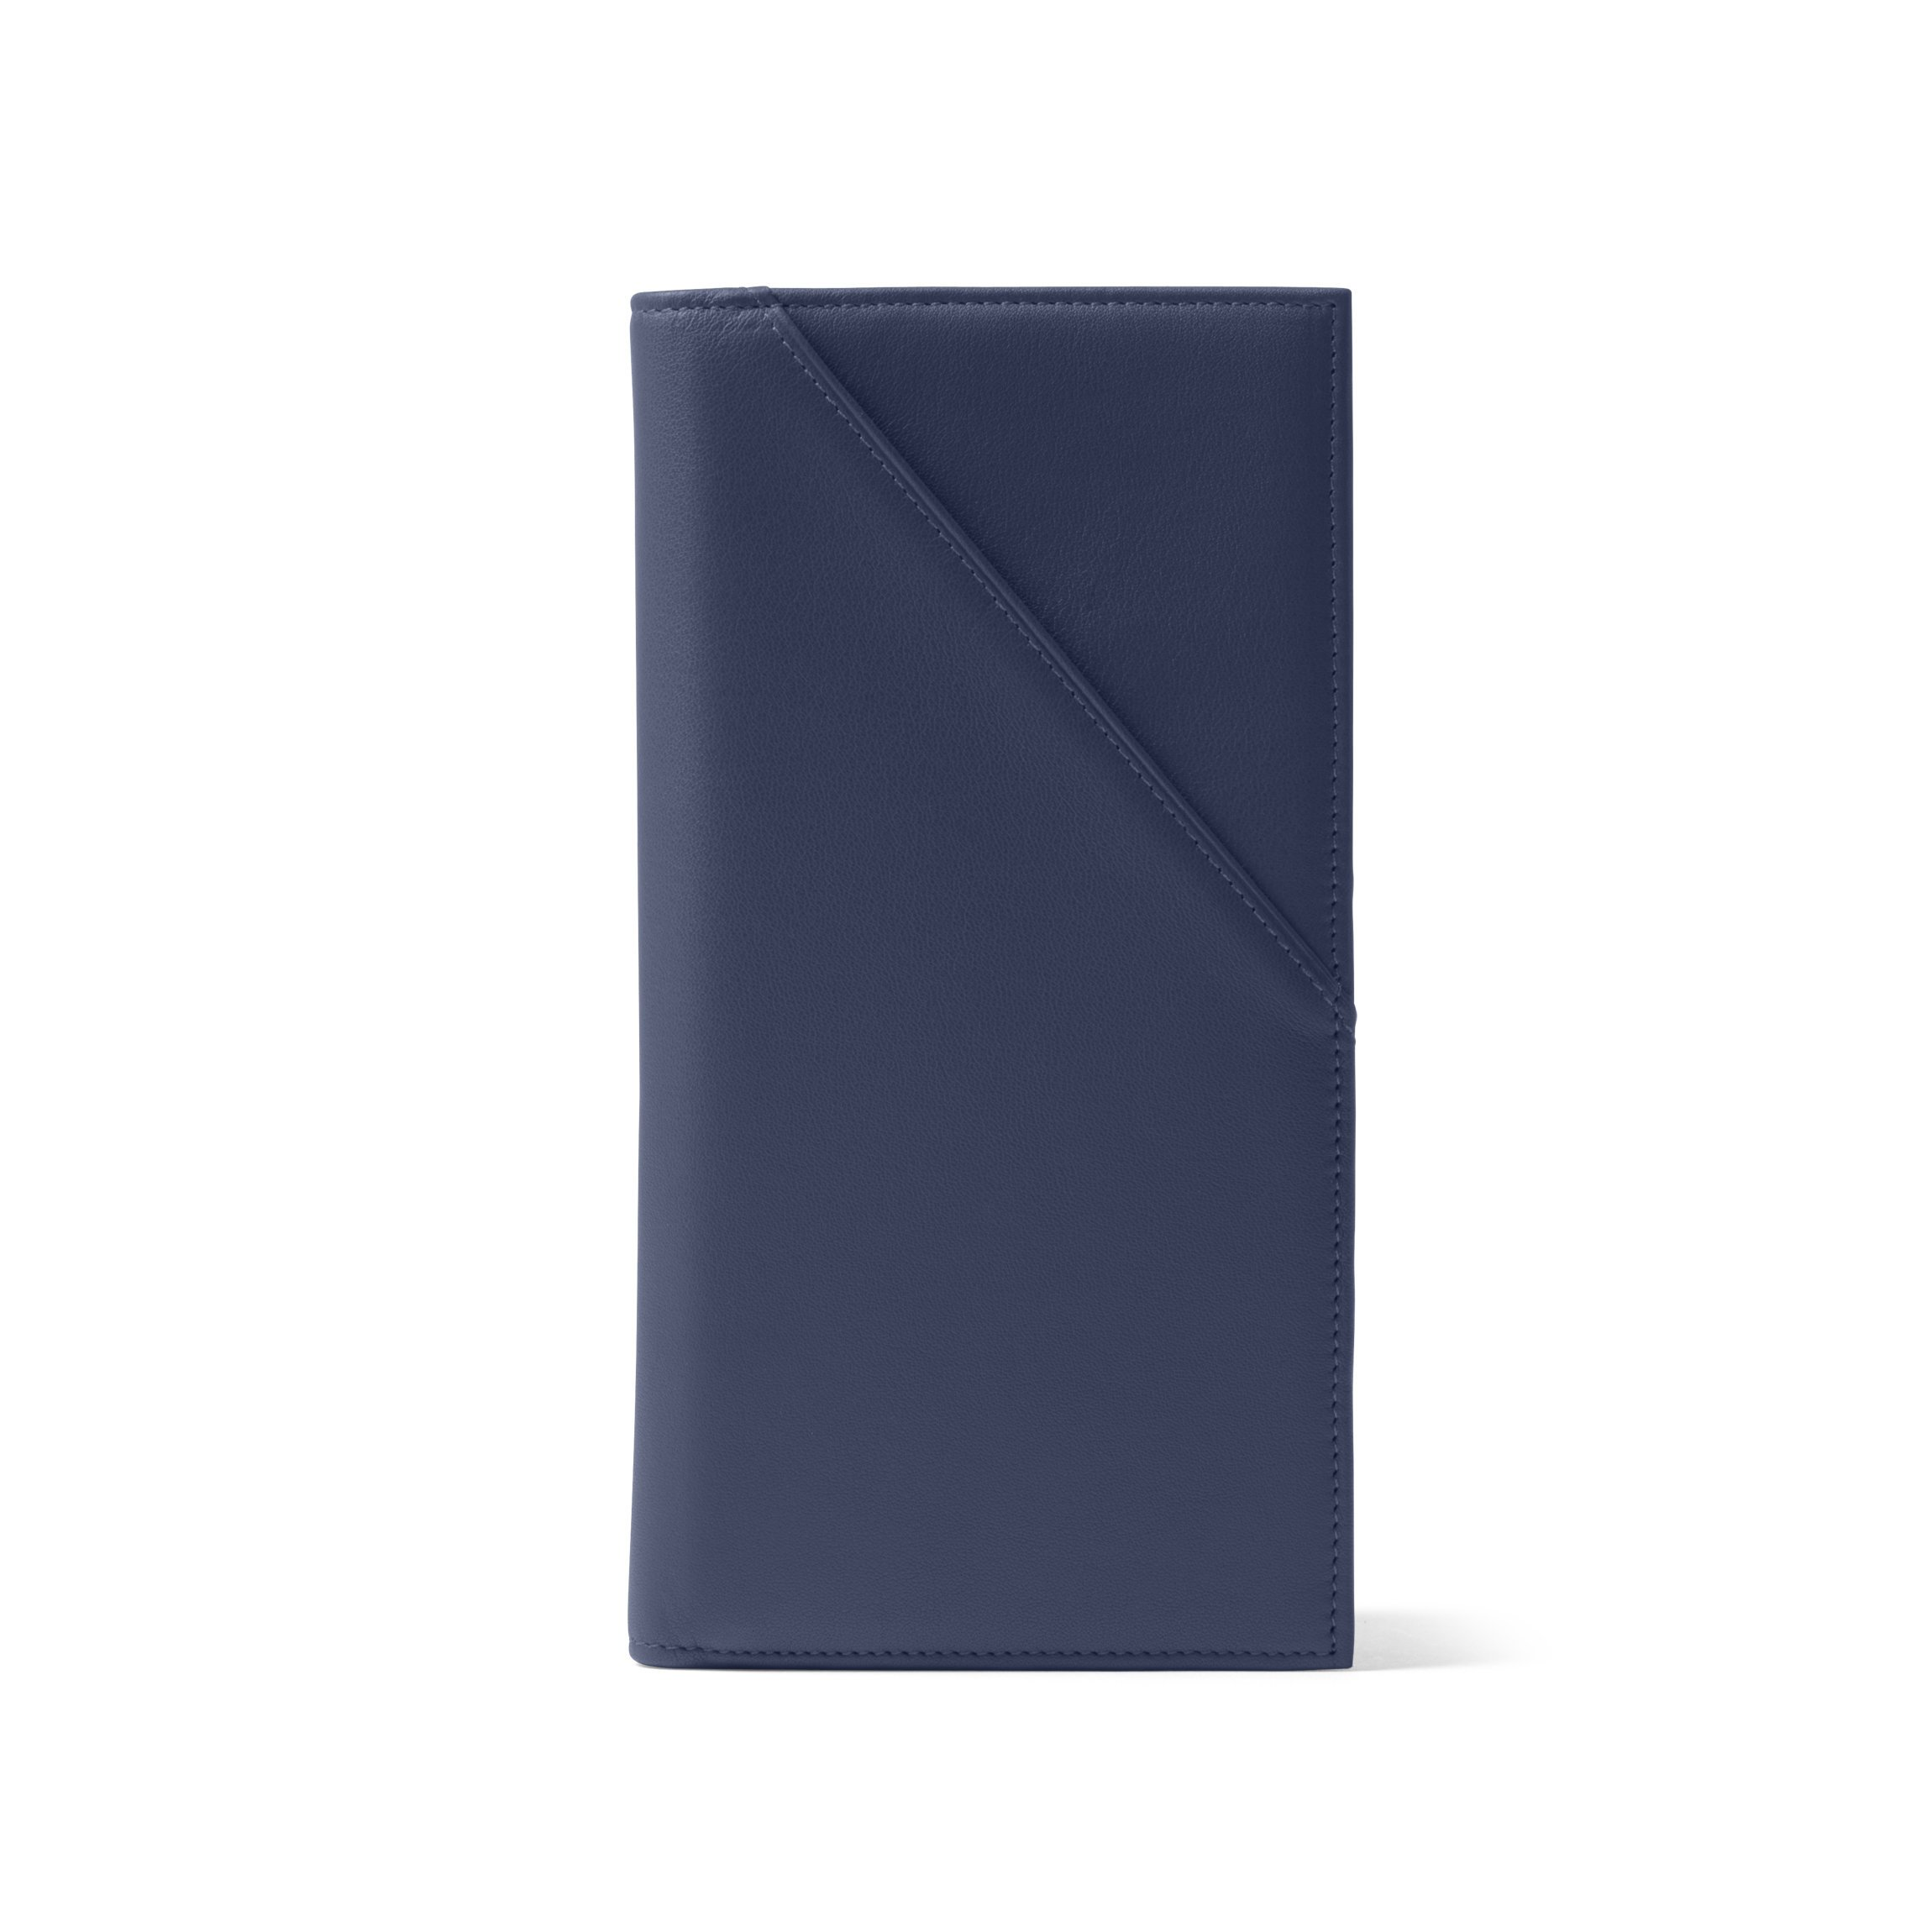 Travel Document Holder - Full Grain Leather - Navy (blue)